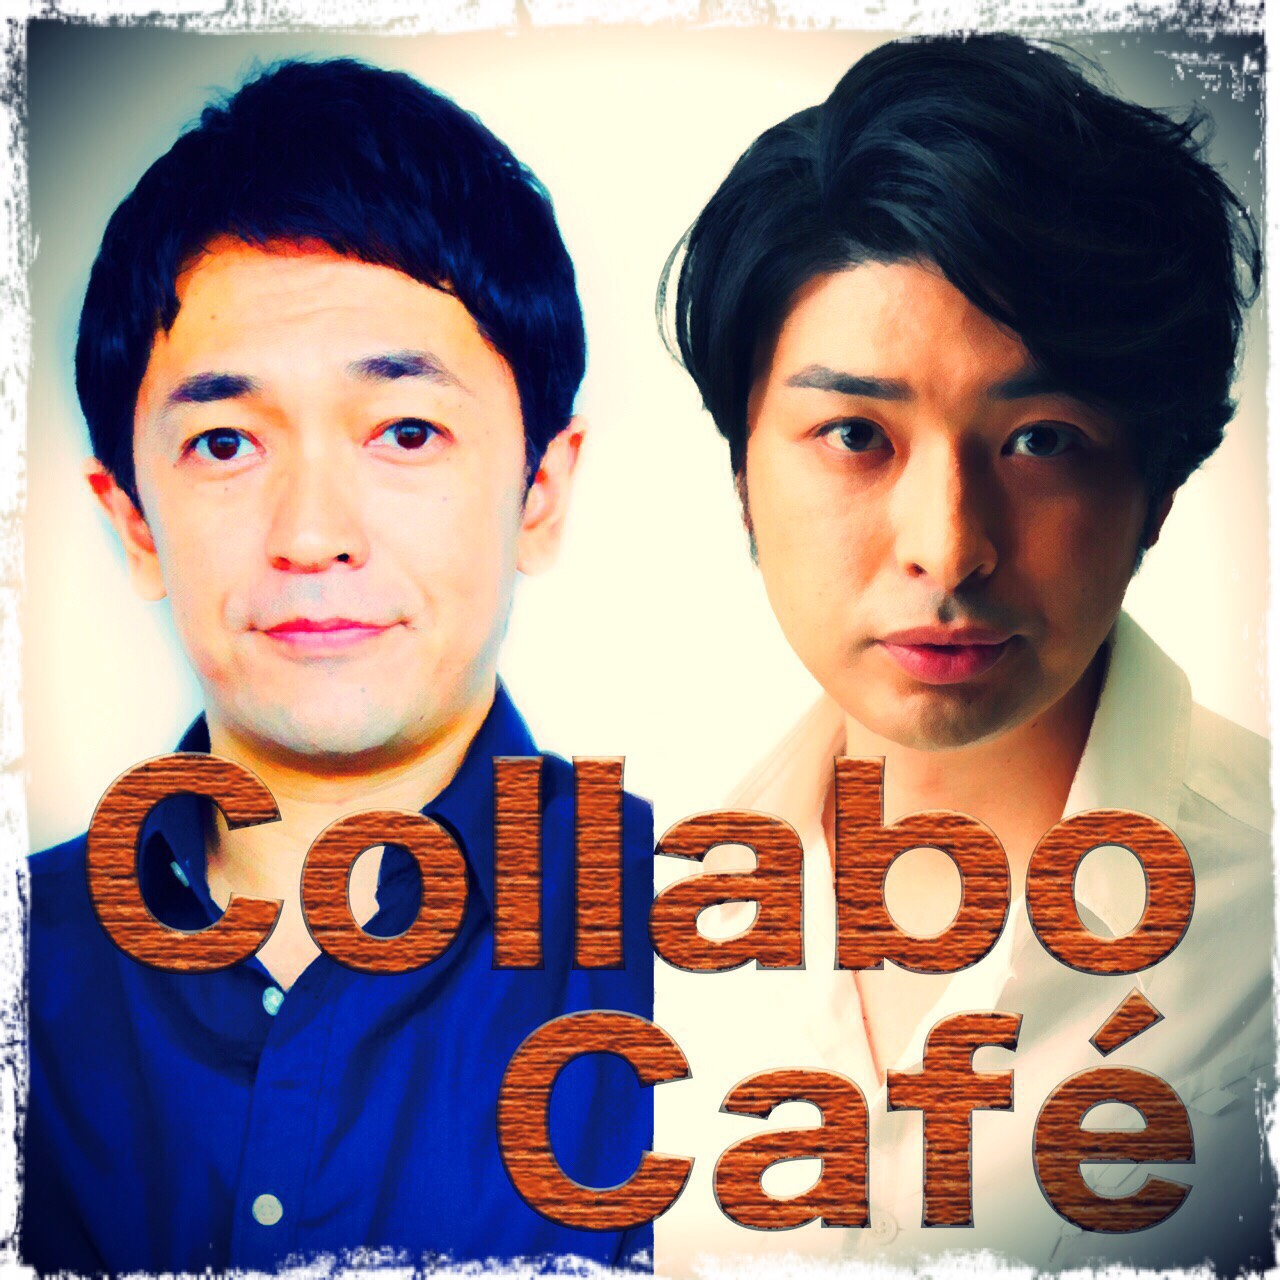 「Collabo Café」